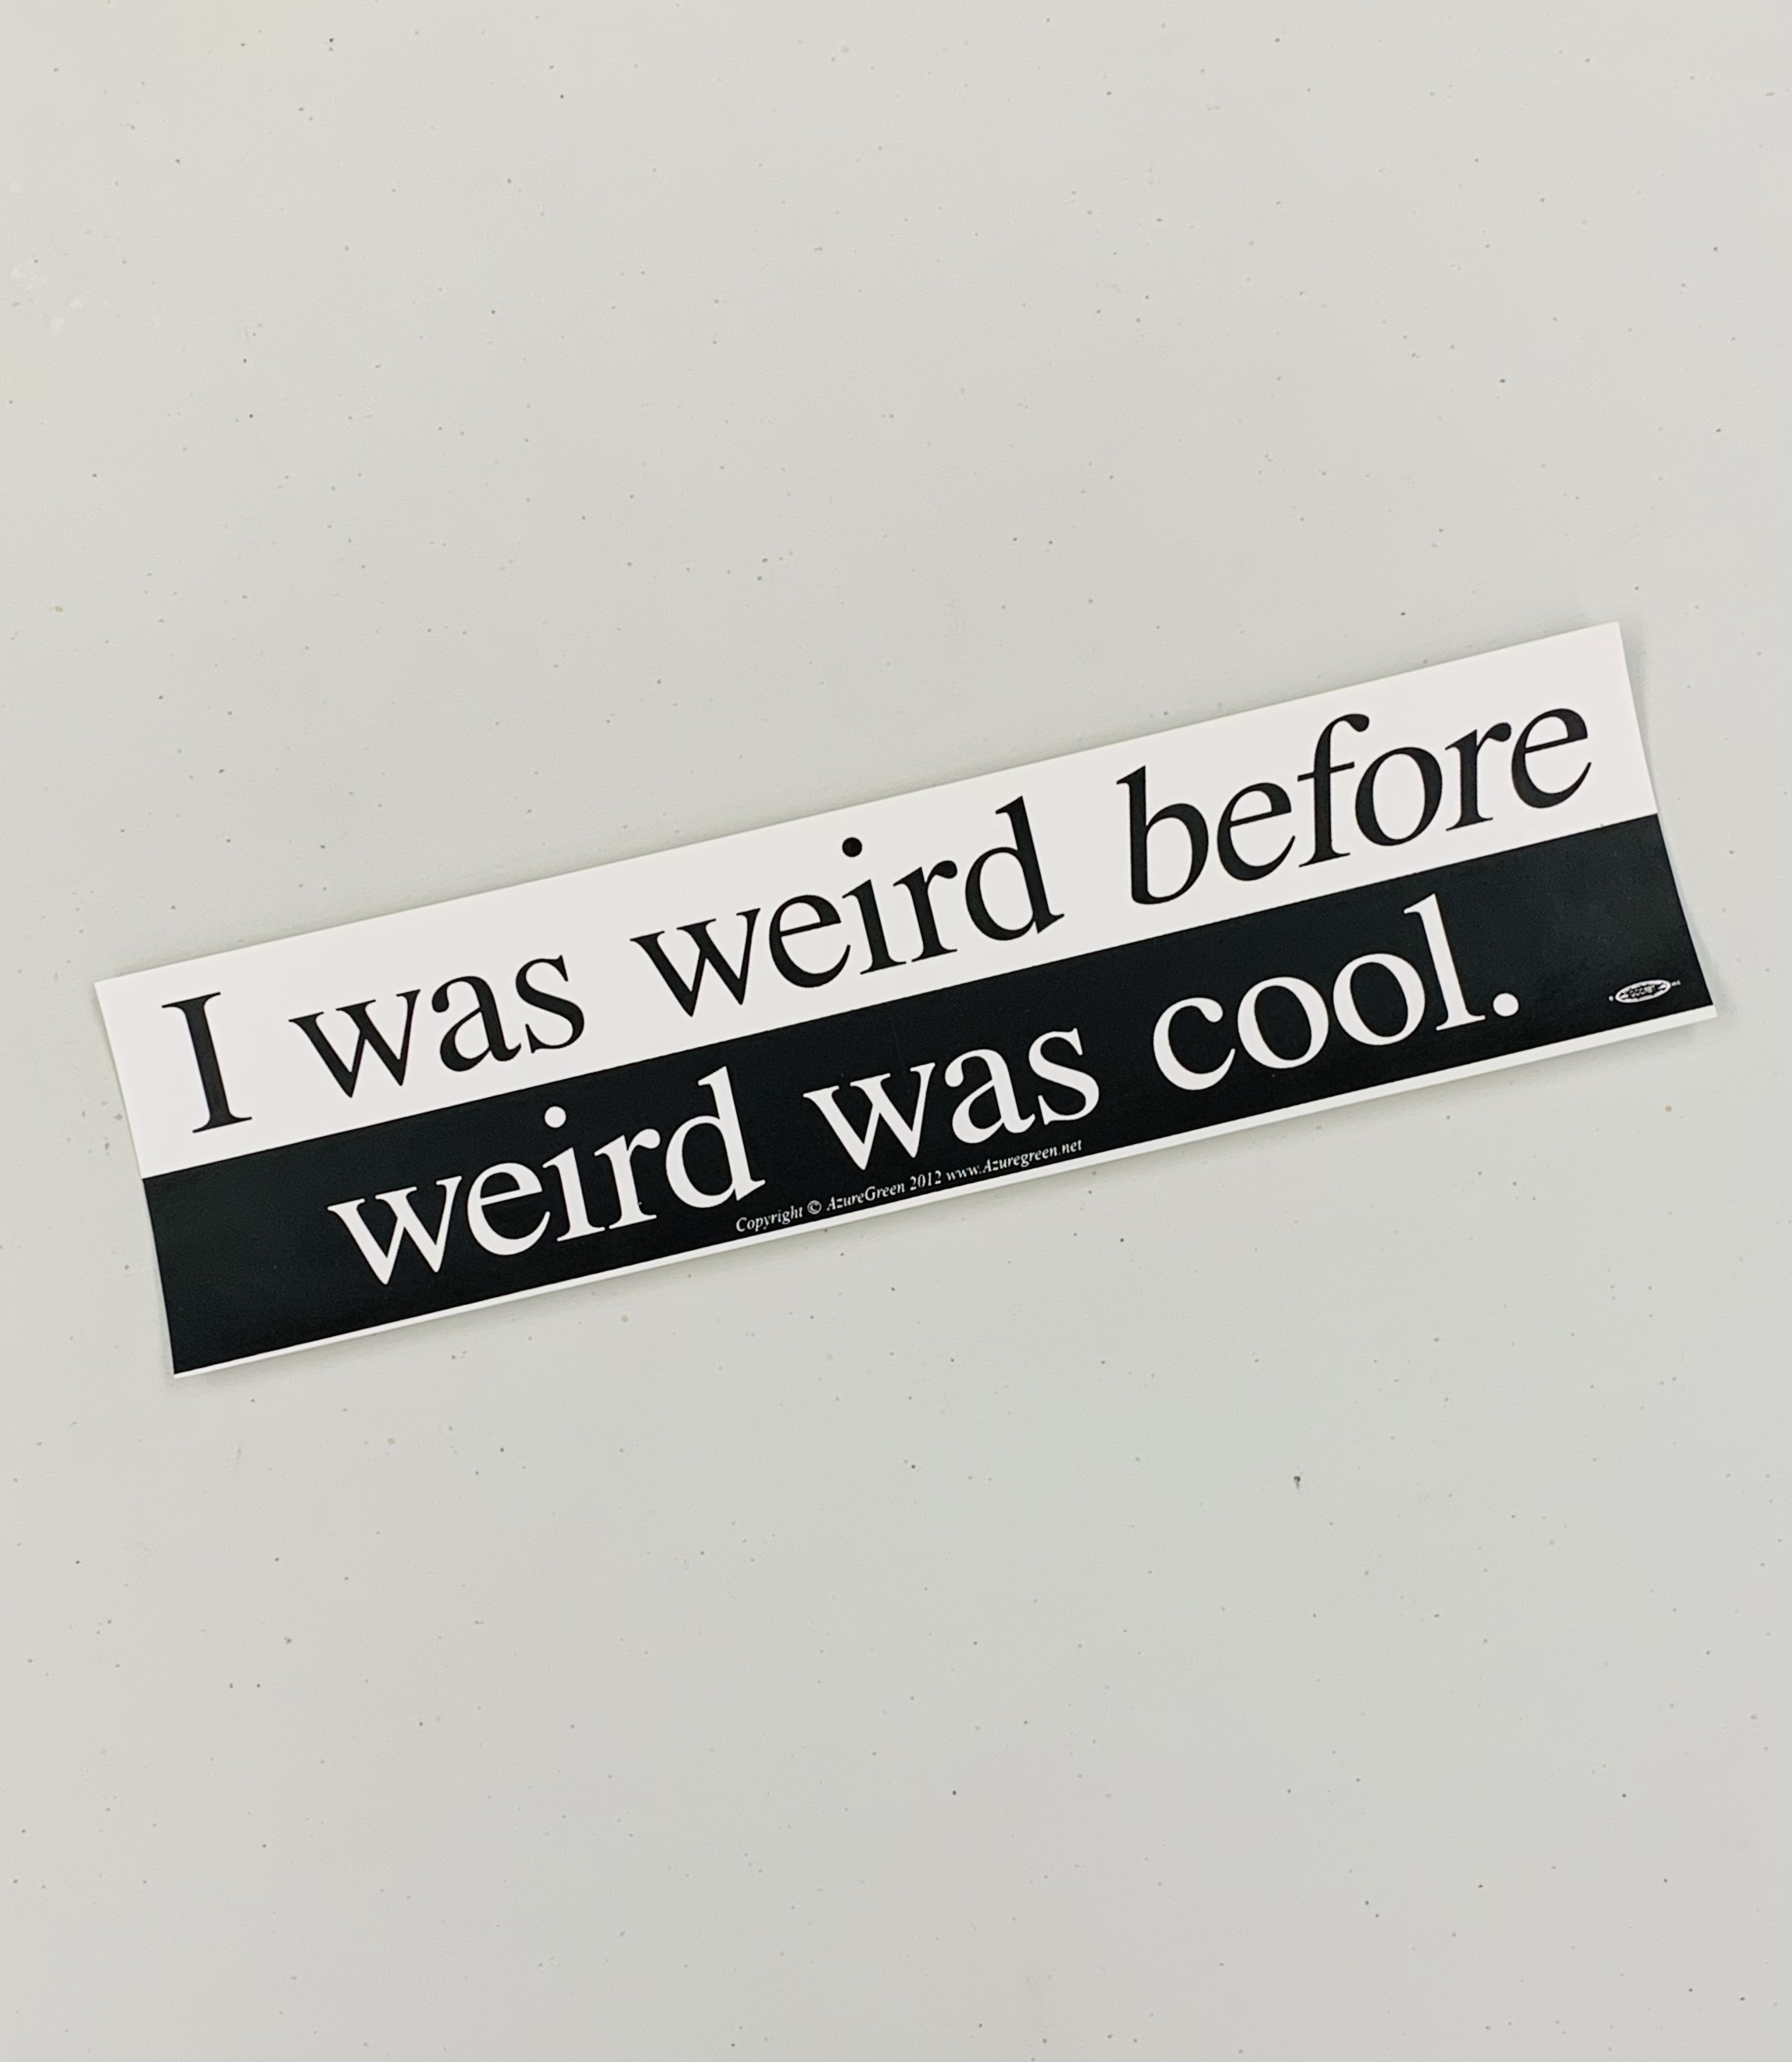 Weird Before Weird was Cool Bumper Sticker